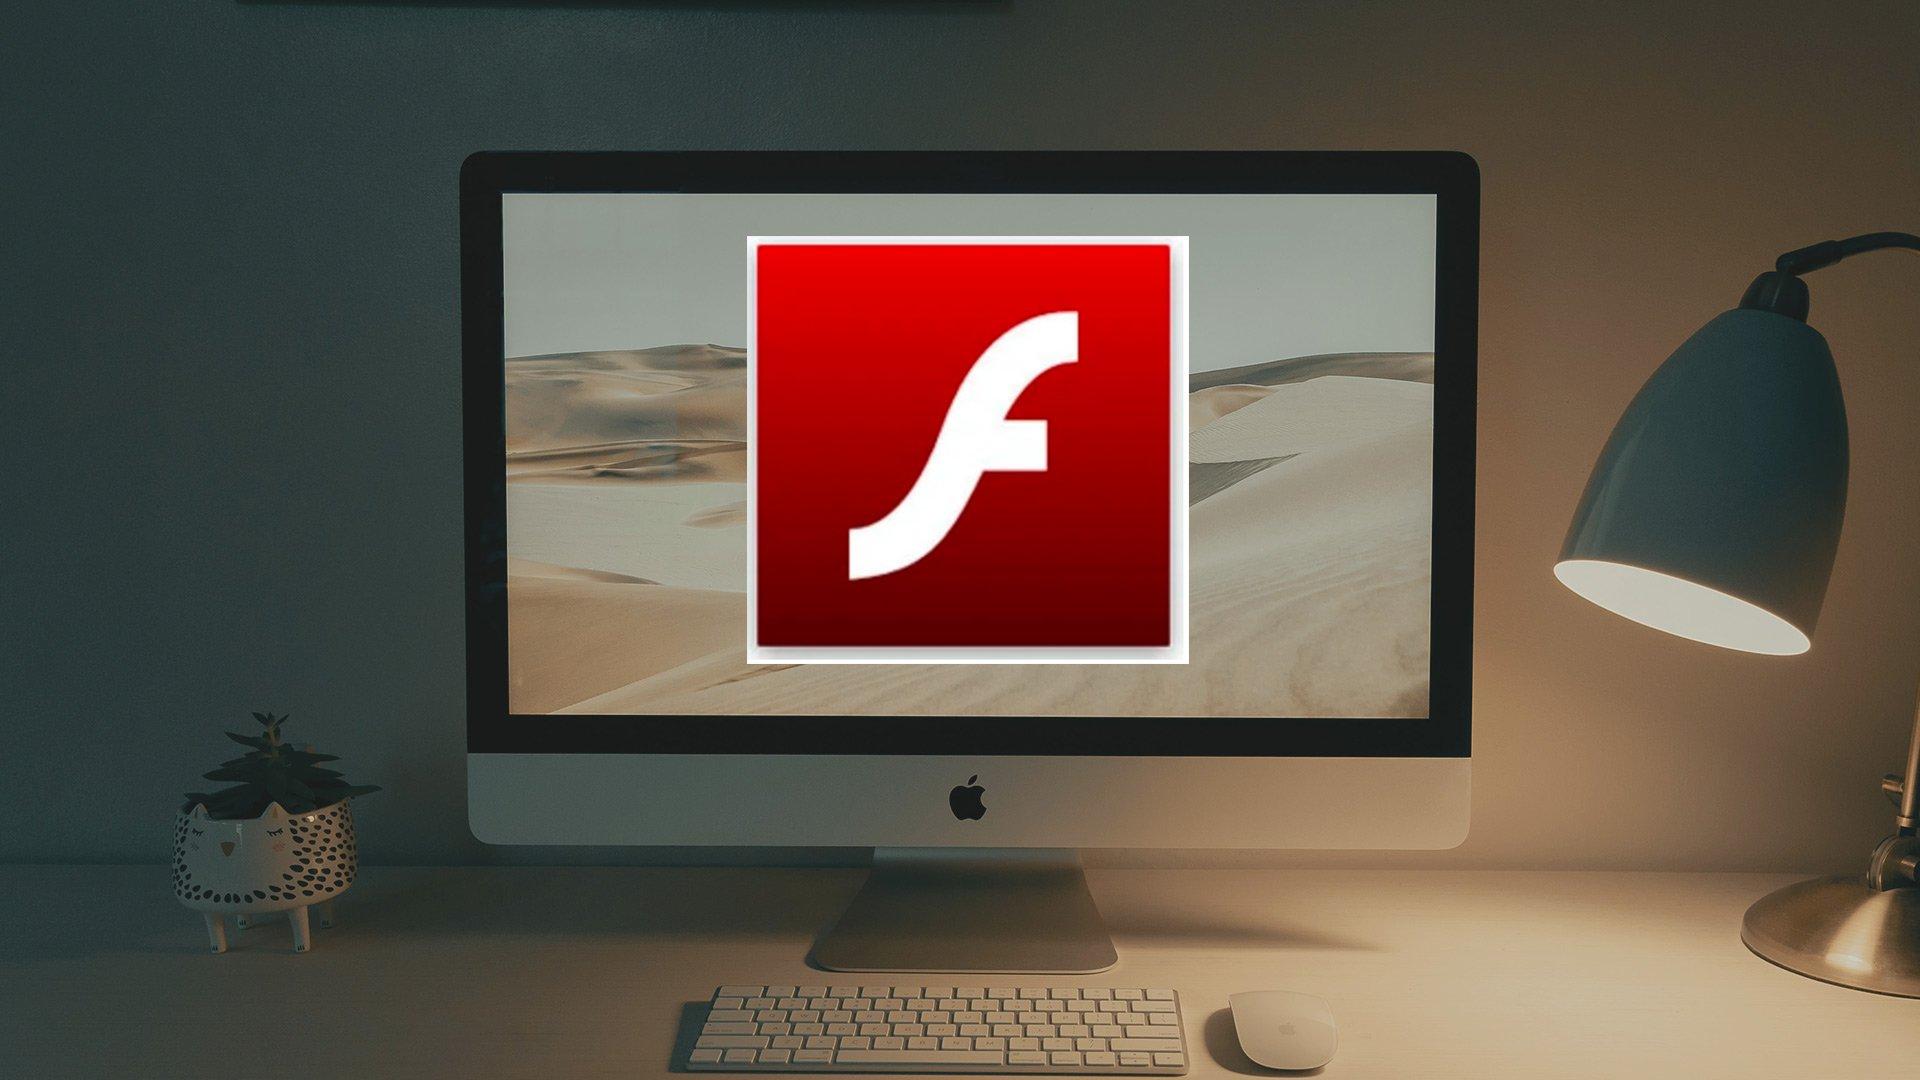 Adobe Flash Player Comment Desinstaller Le Logiciel Sur Mac Et Pc